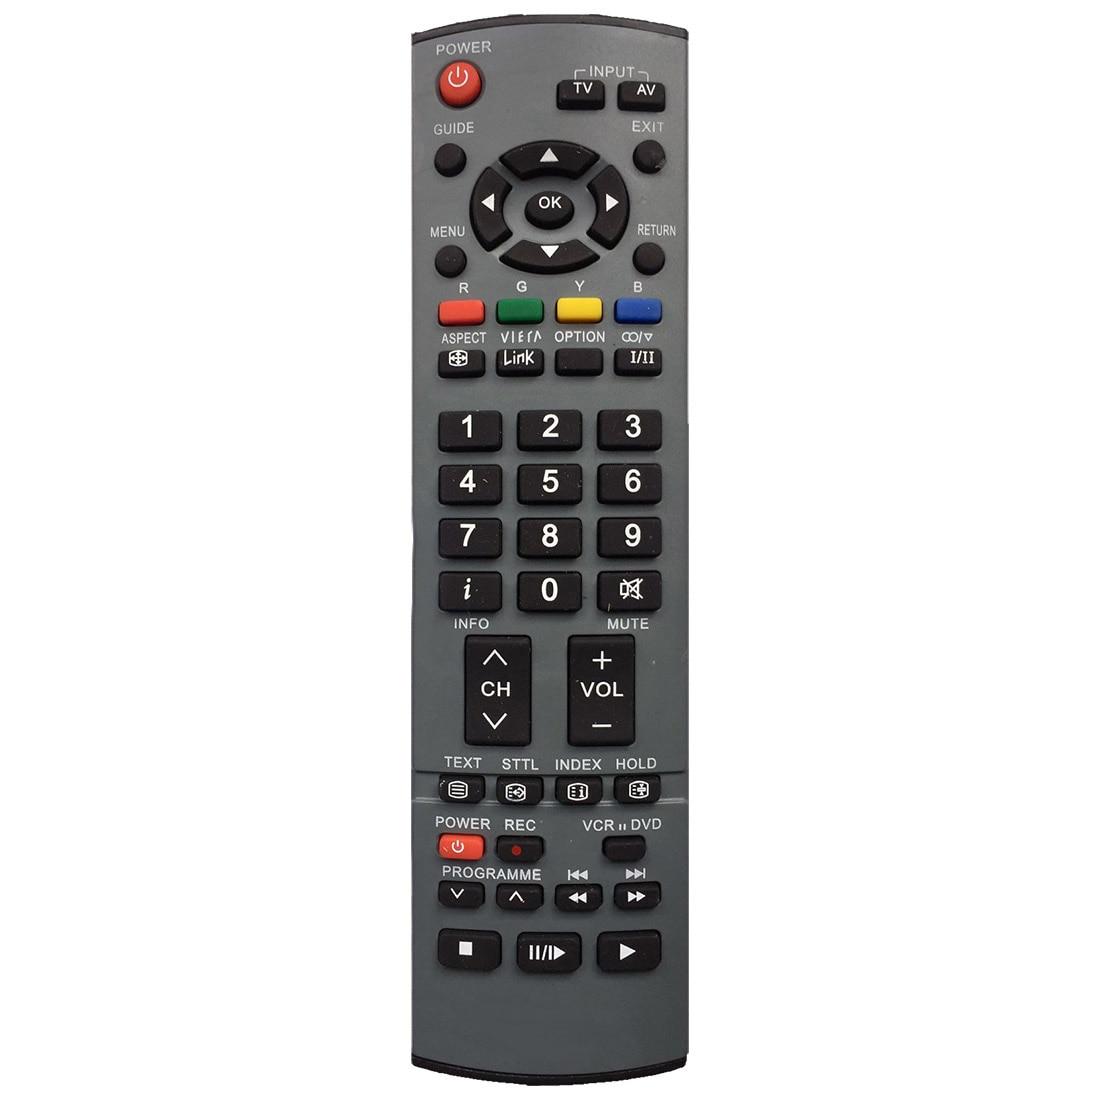 NEW for Panasonic TV Remote PAN-821 For N2QAYB000485 N2QAYB000321 N2QAYB000926